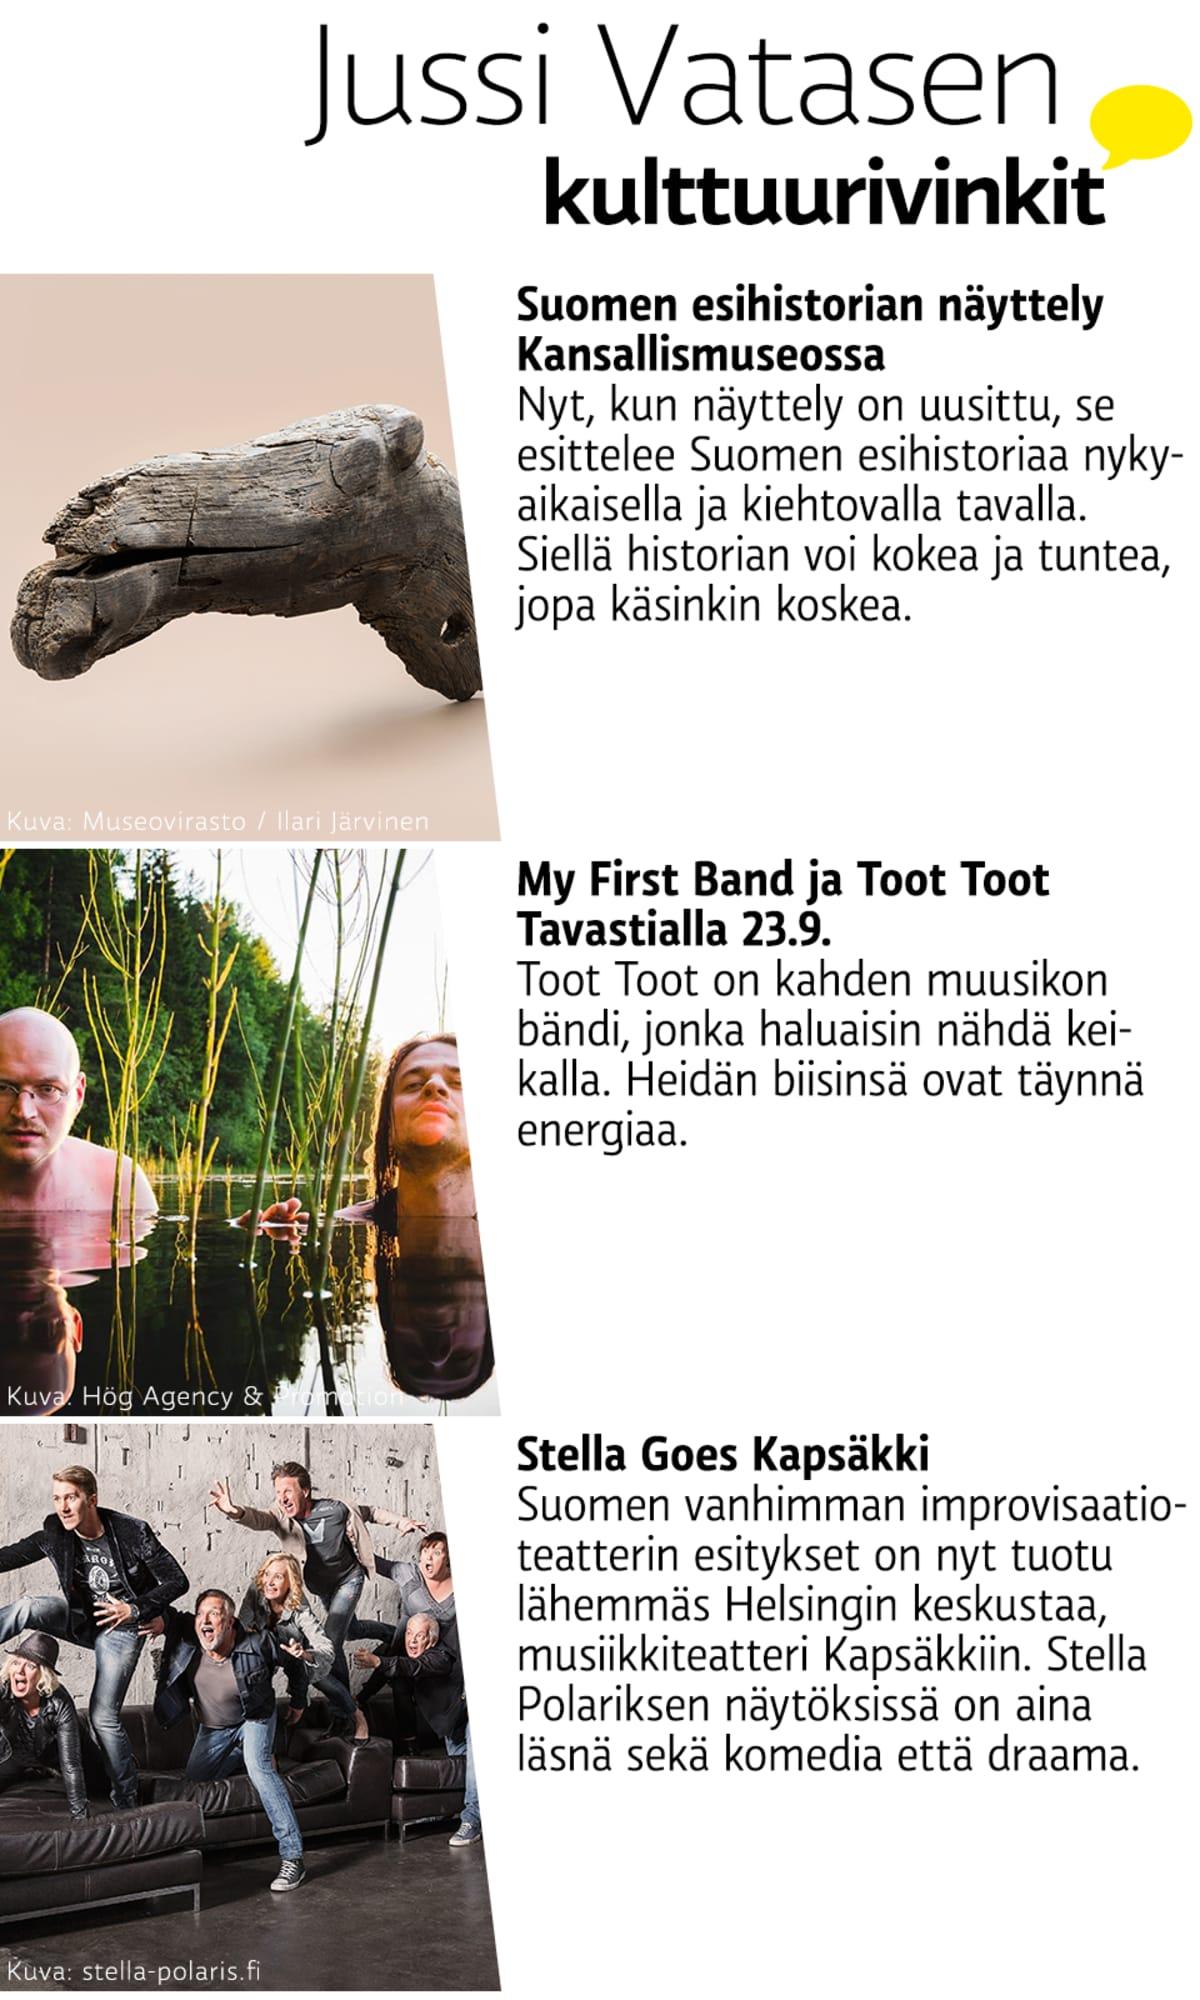 Jussi Vatasen kulttuurivinkit